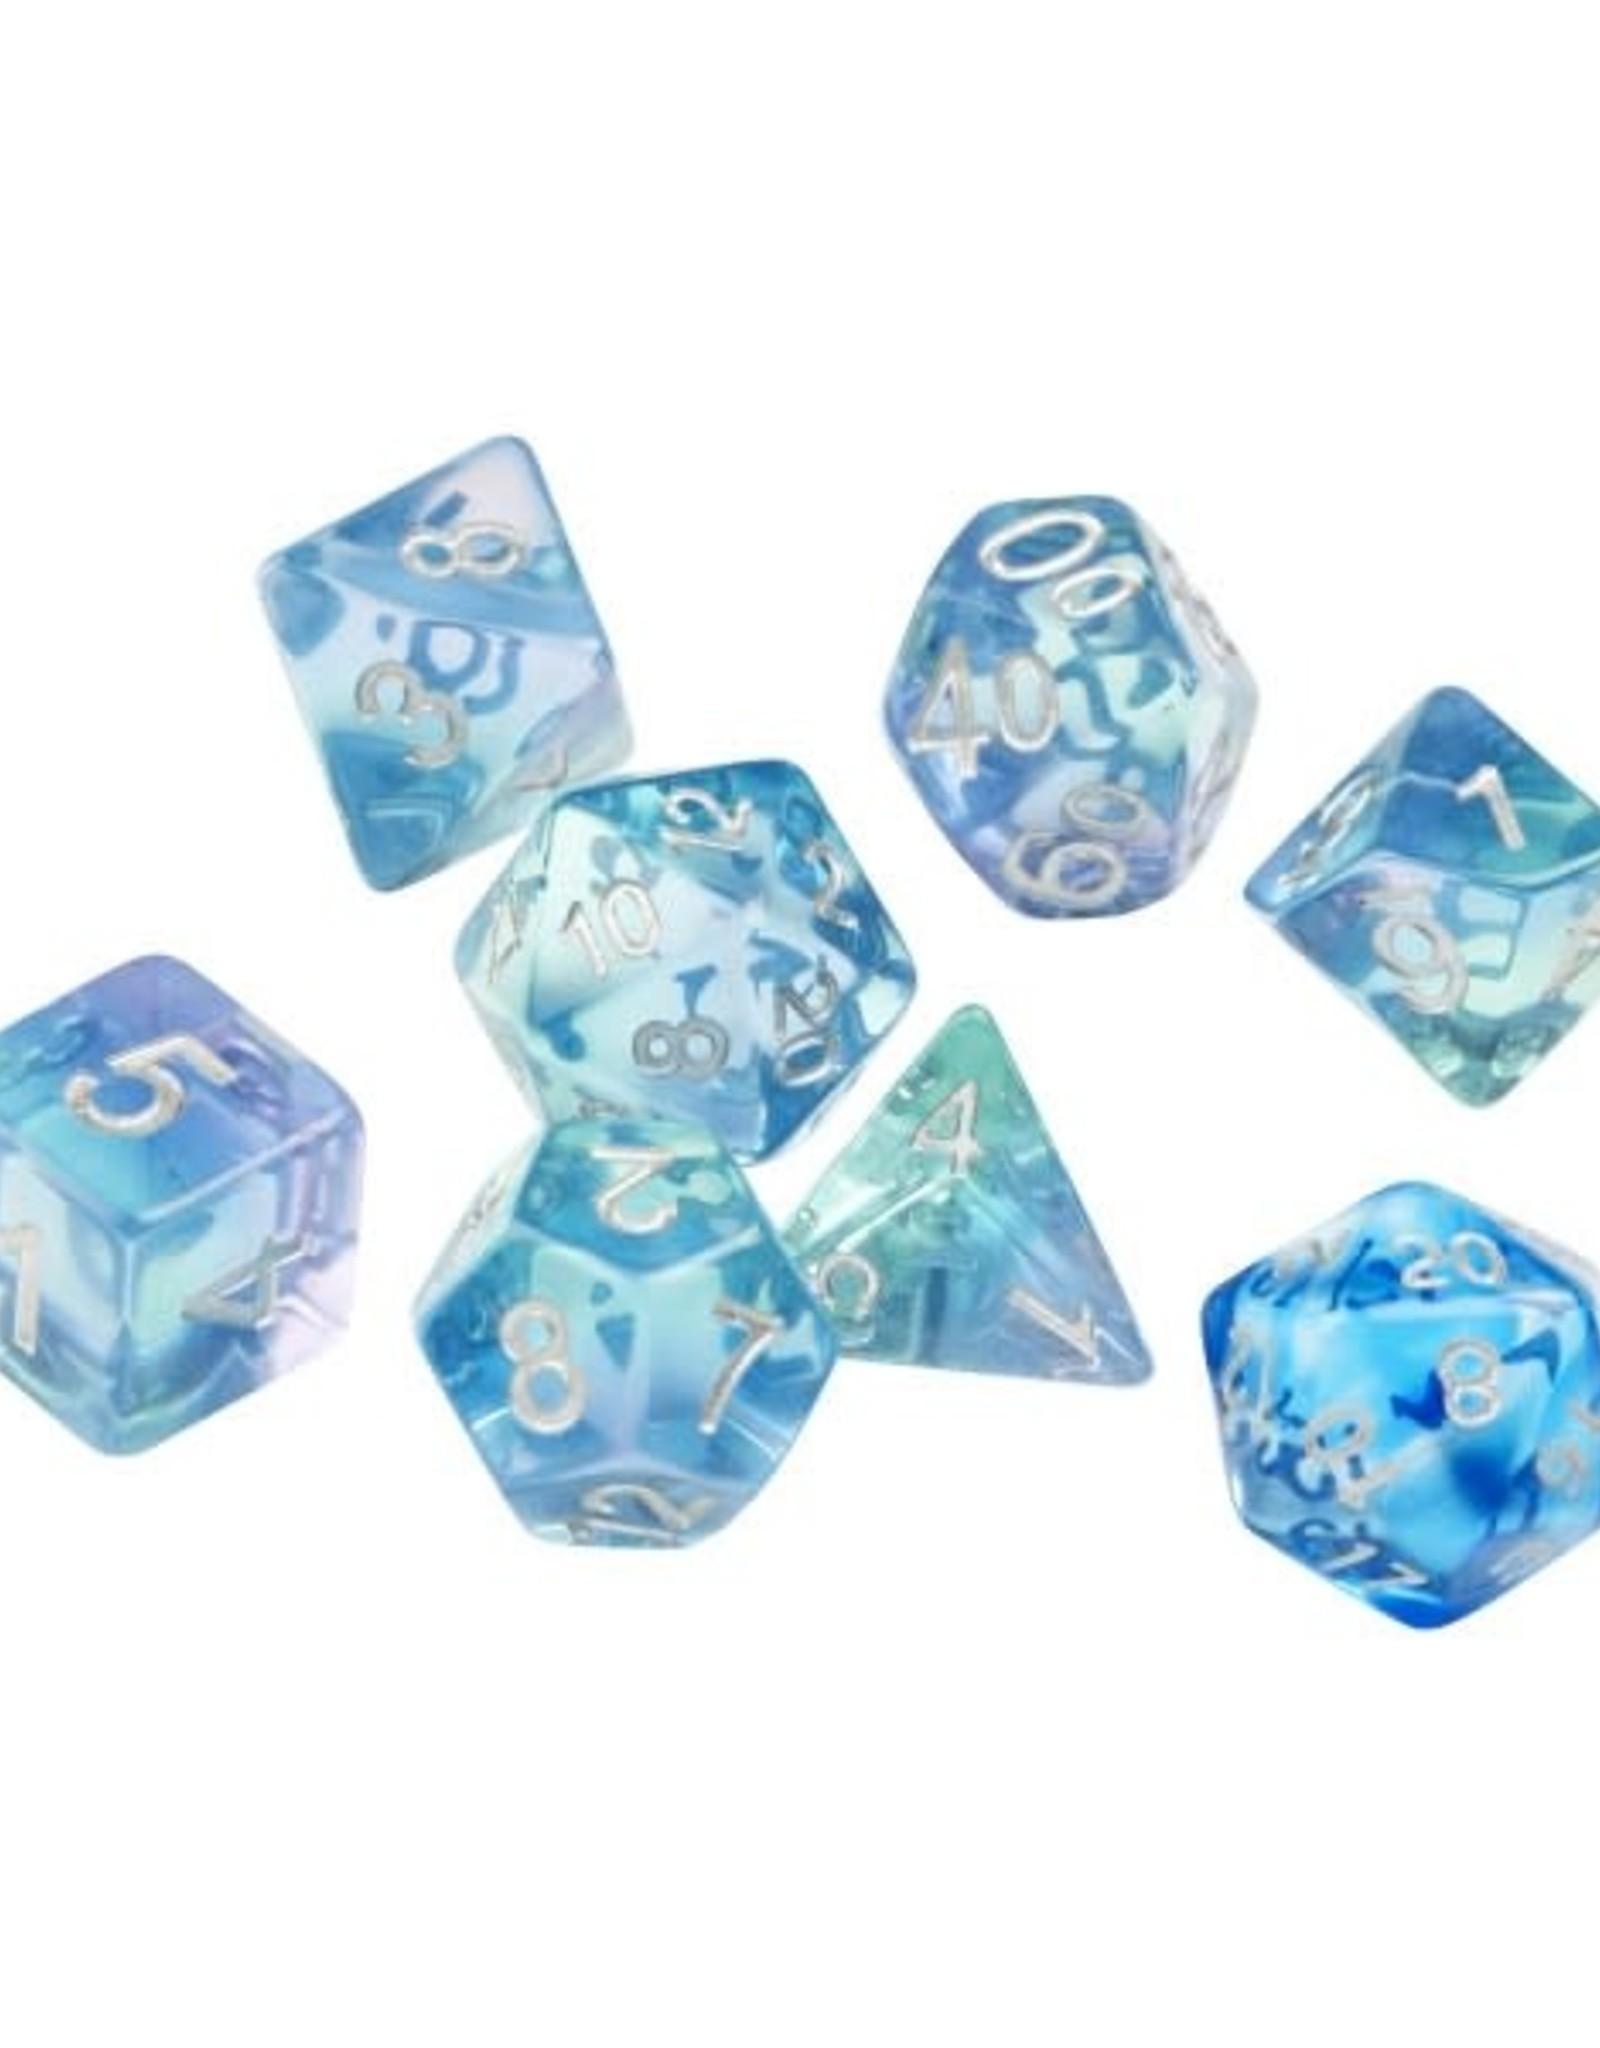 RPG Dice Set (7): Emerald Waters